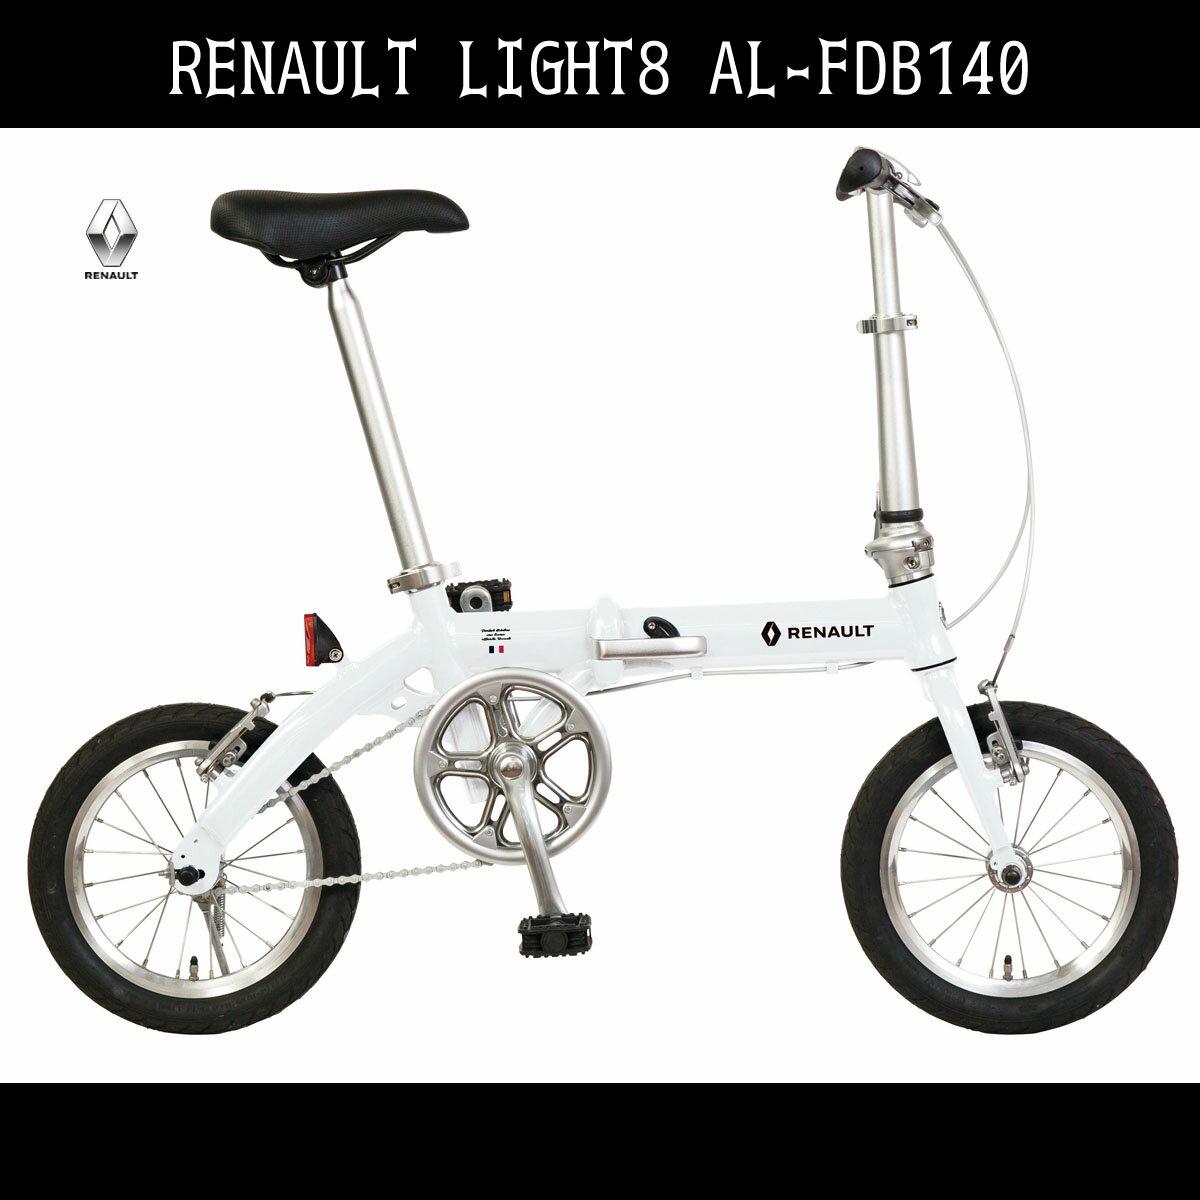 送料無料 自転車 ルノー RENAULT 自転車 折りたたみ自転車 ホワイト 白14インチ 軽量 折りたたみ自転車 ギアなし ルノー LIGHT8 AL-FDB140 ライトエイト アルミニウム 軽量 変速 変速なし 激安 通販 おしゃれ 安い